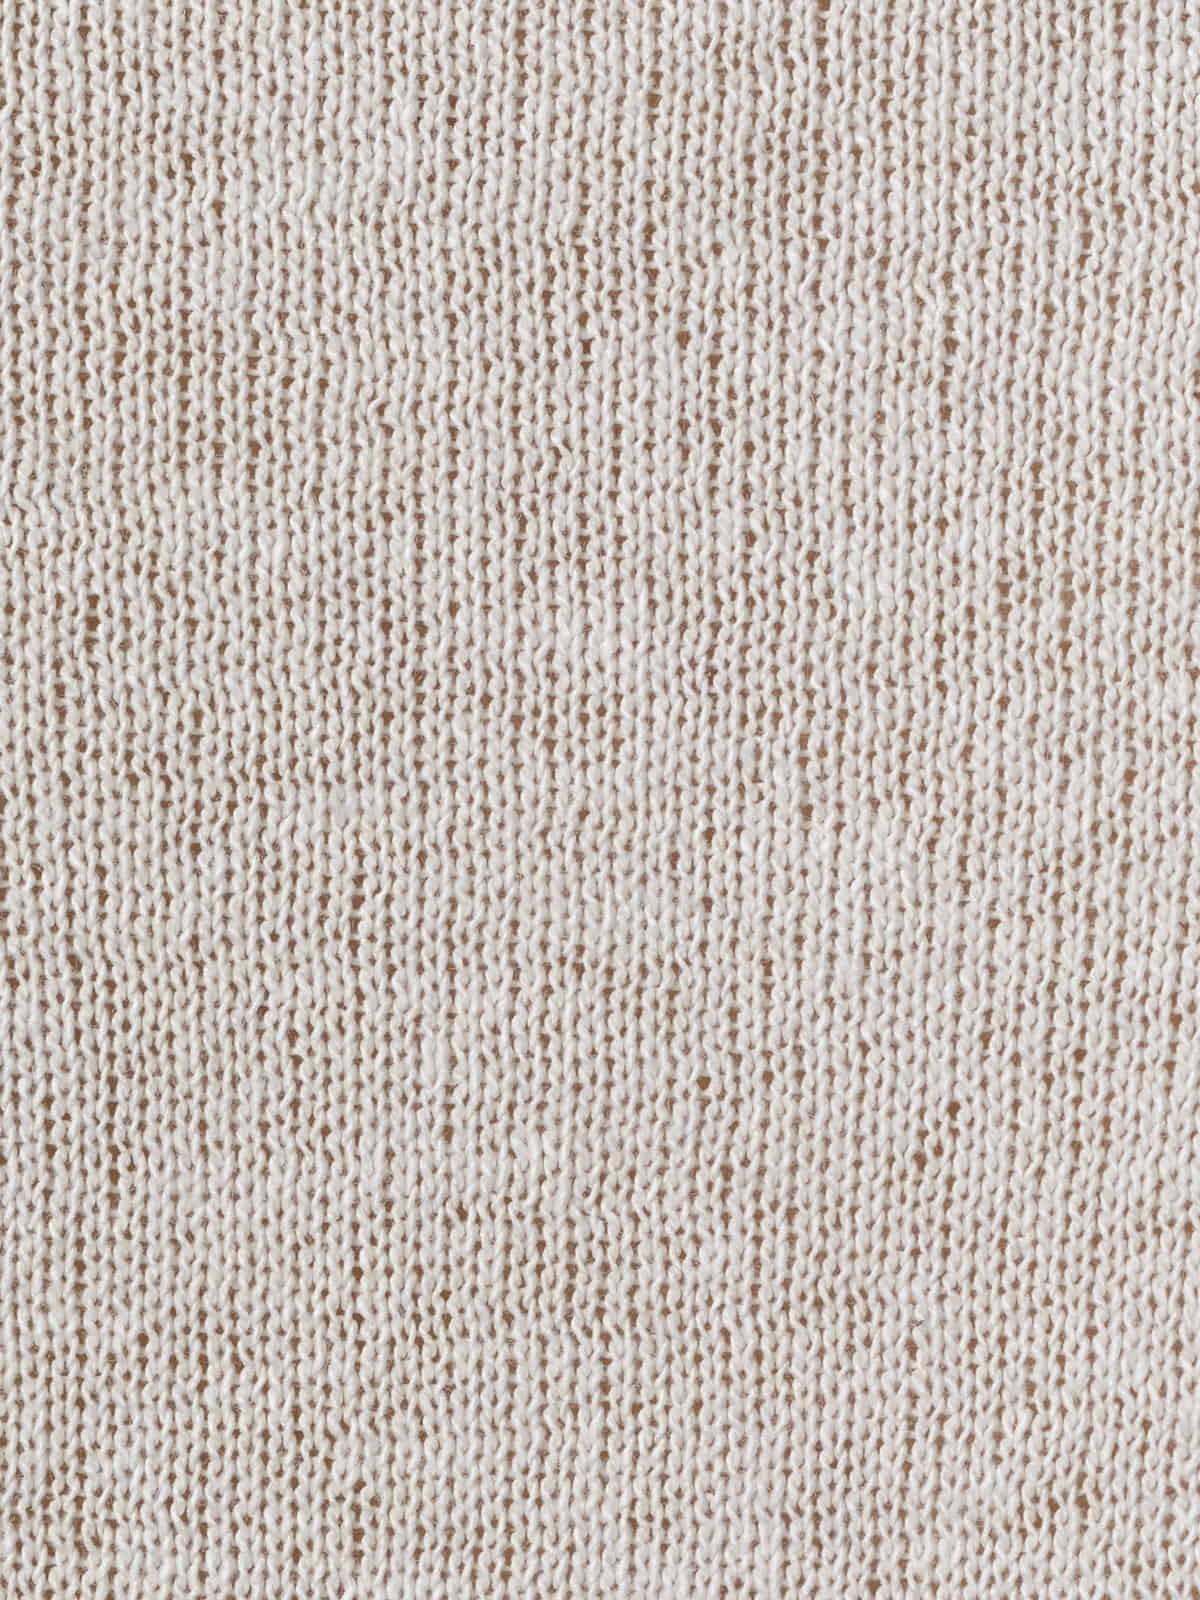 Chaqueta punto de mujer algodón Marfil